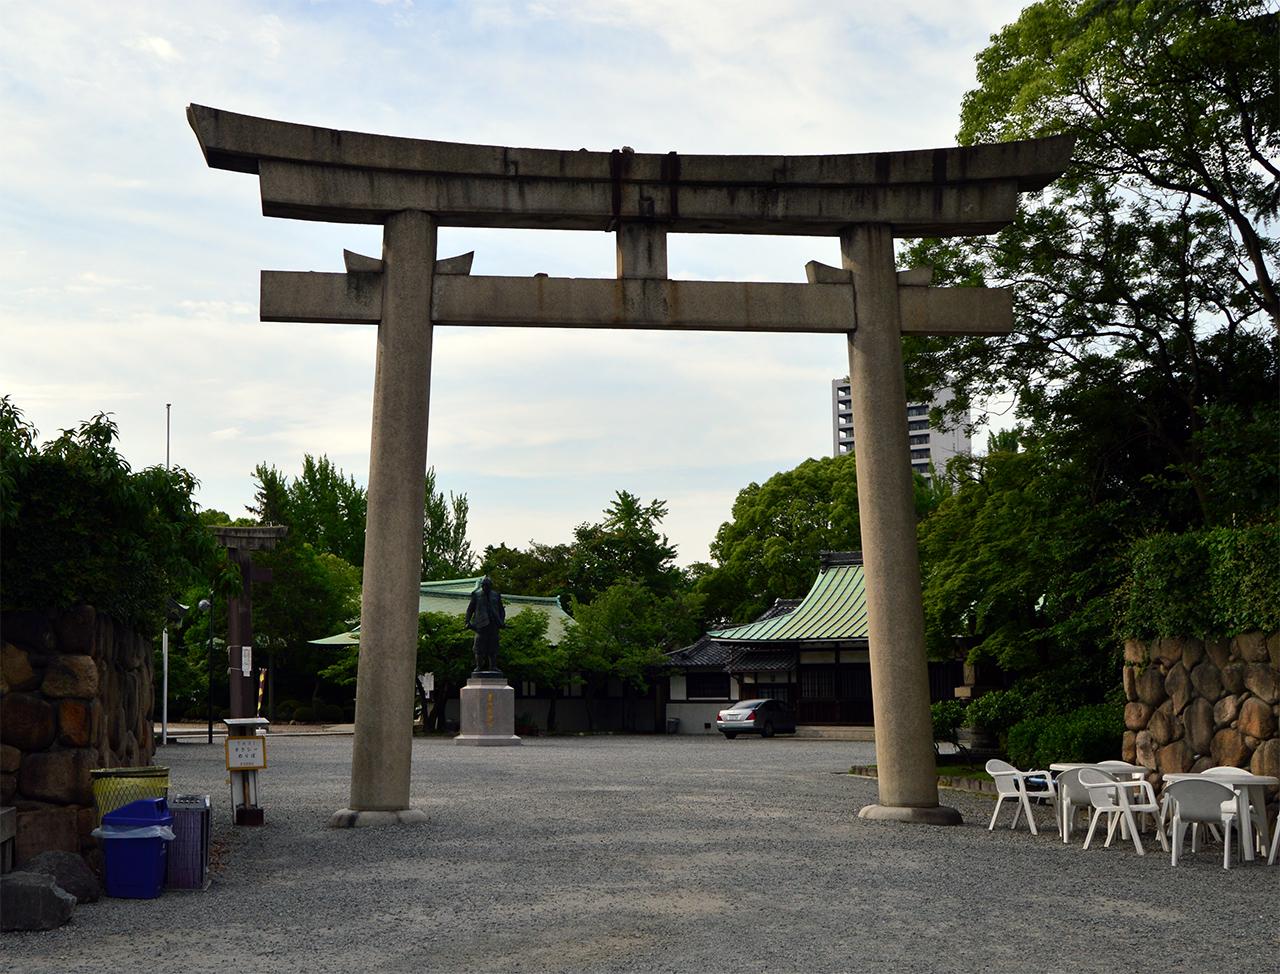 호코쿠 신사 도리이 신의 세상과 인간 세상의 경계를 나타낸다.